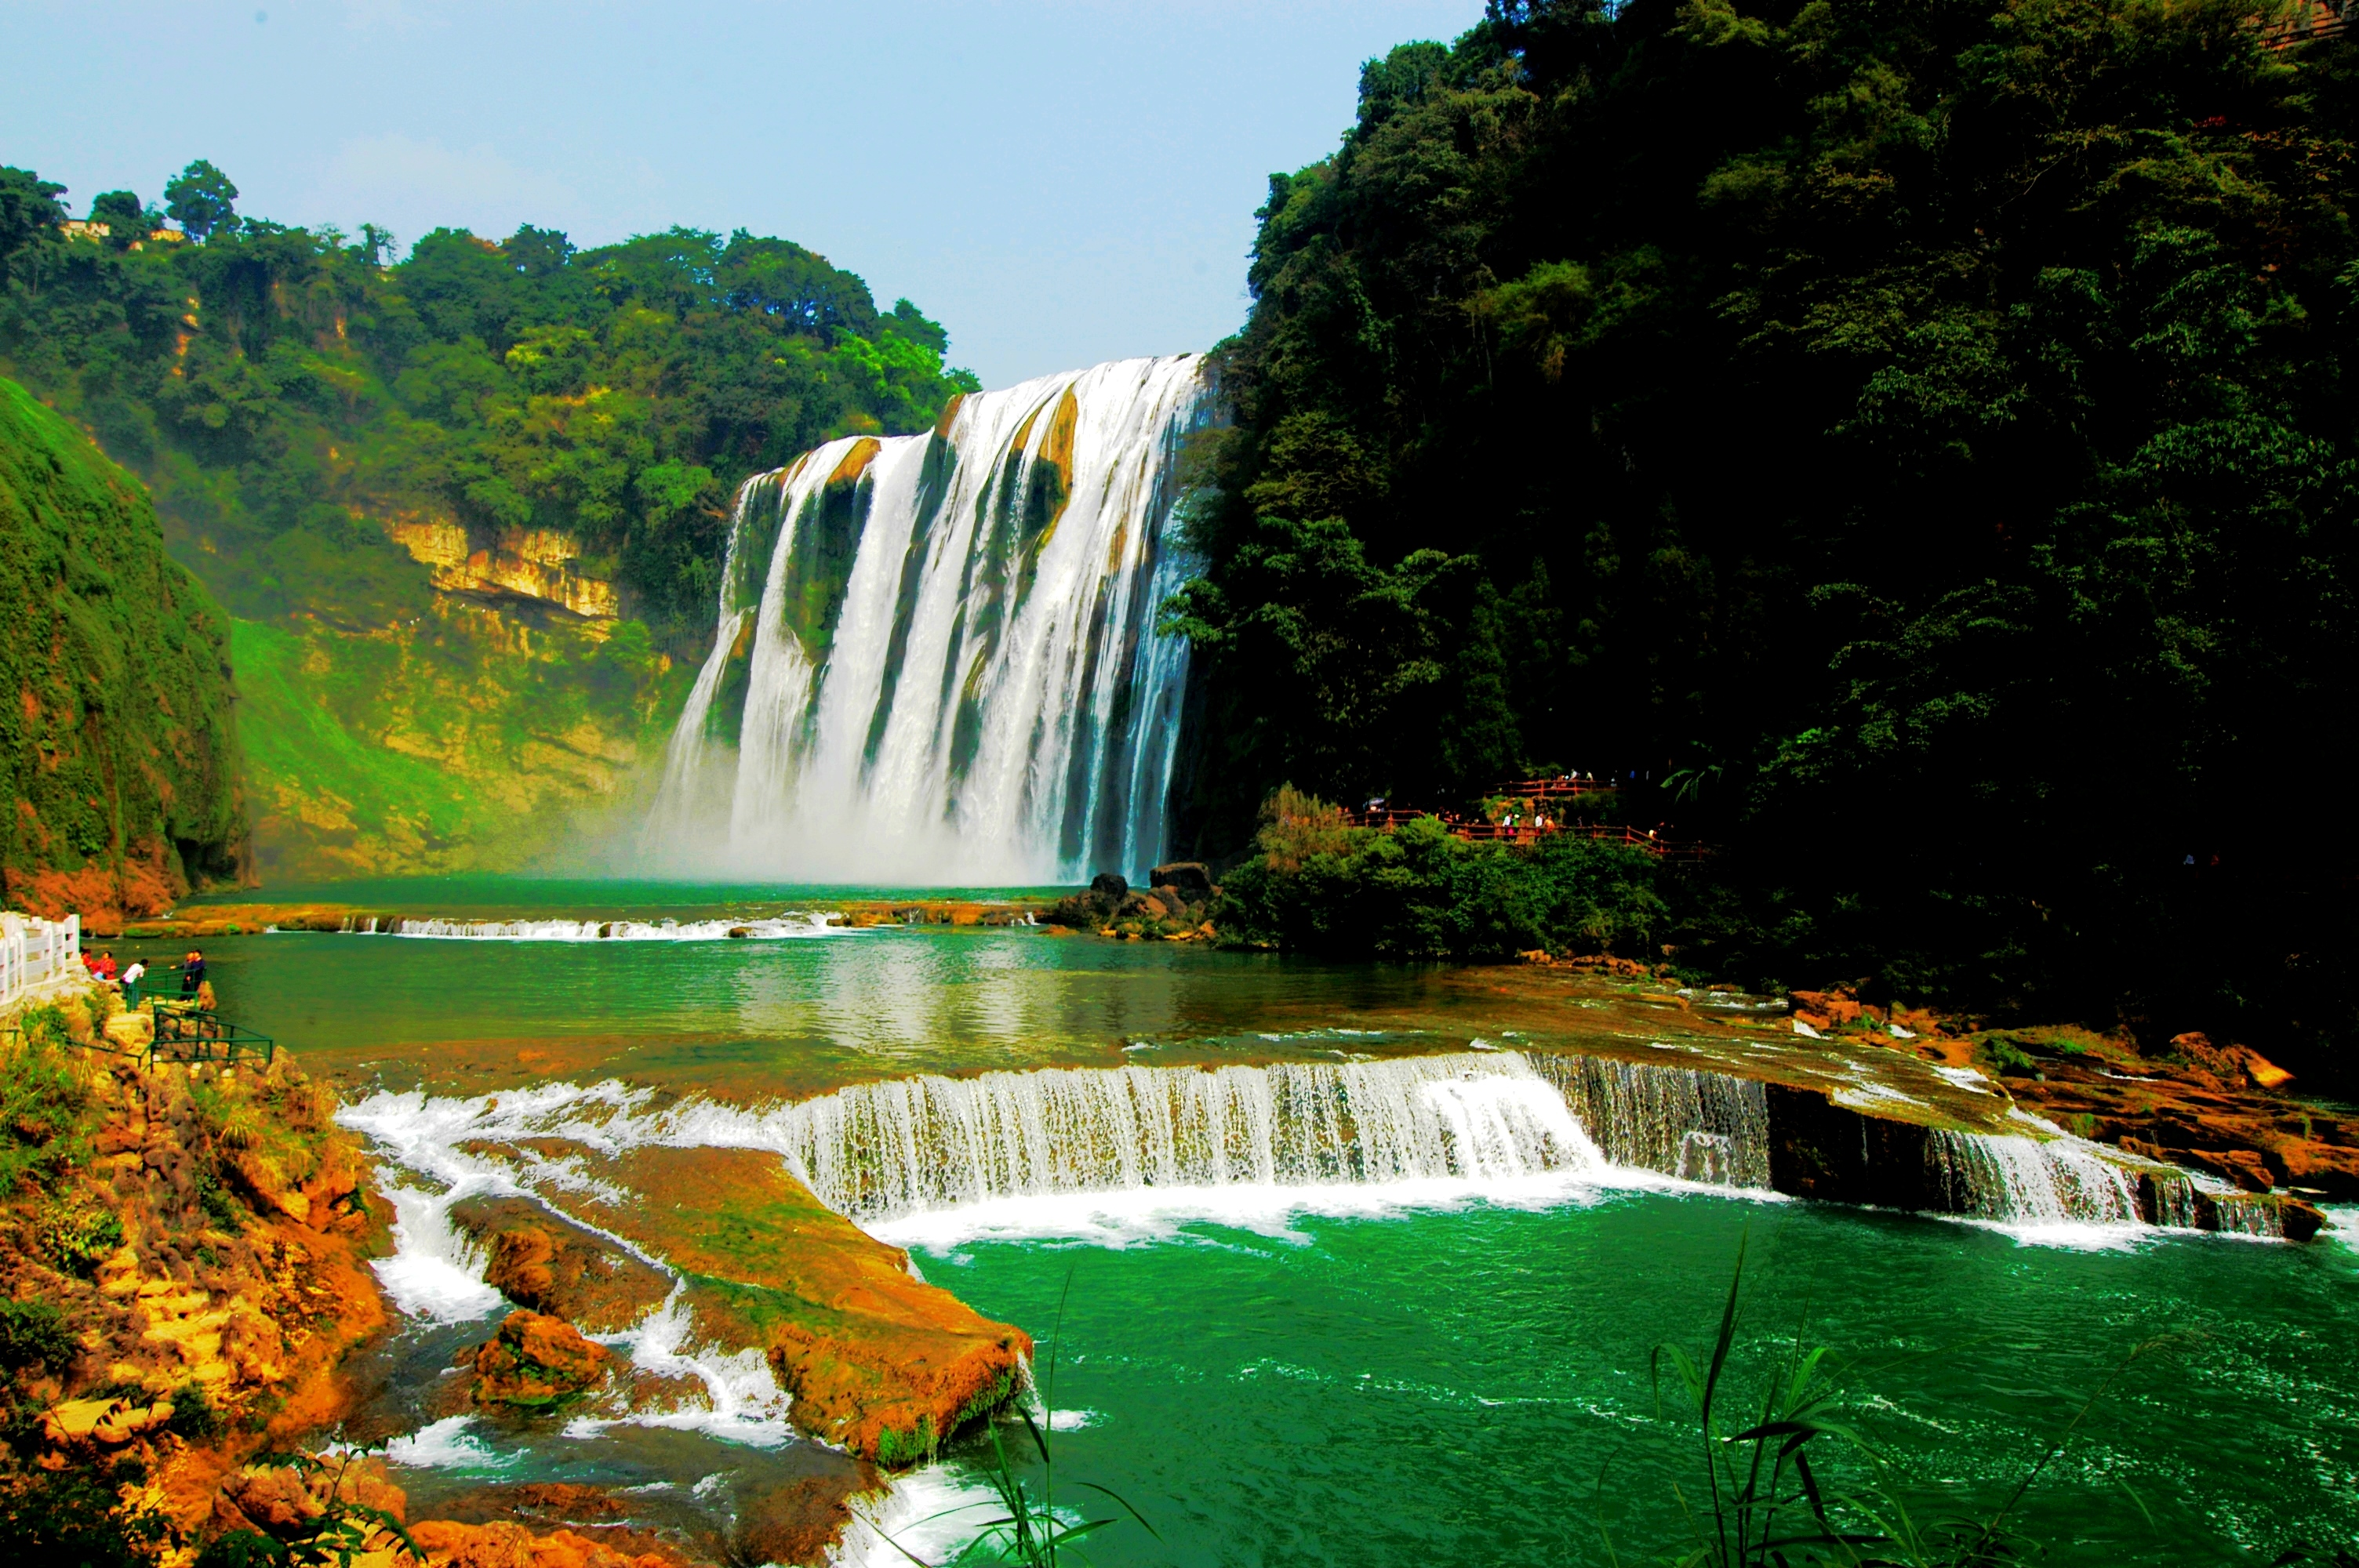 壁纸 风景 旅游 瀑布 山水 桌面 3008_2000